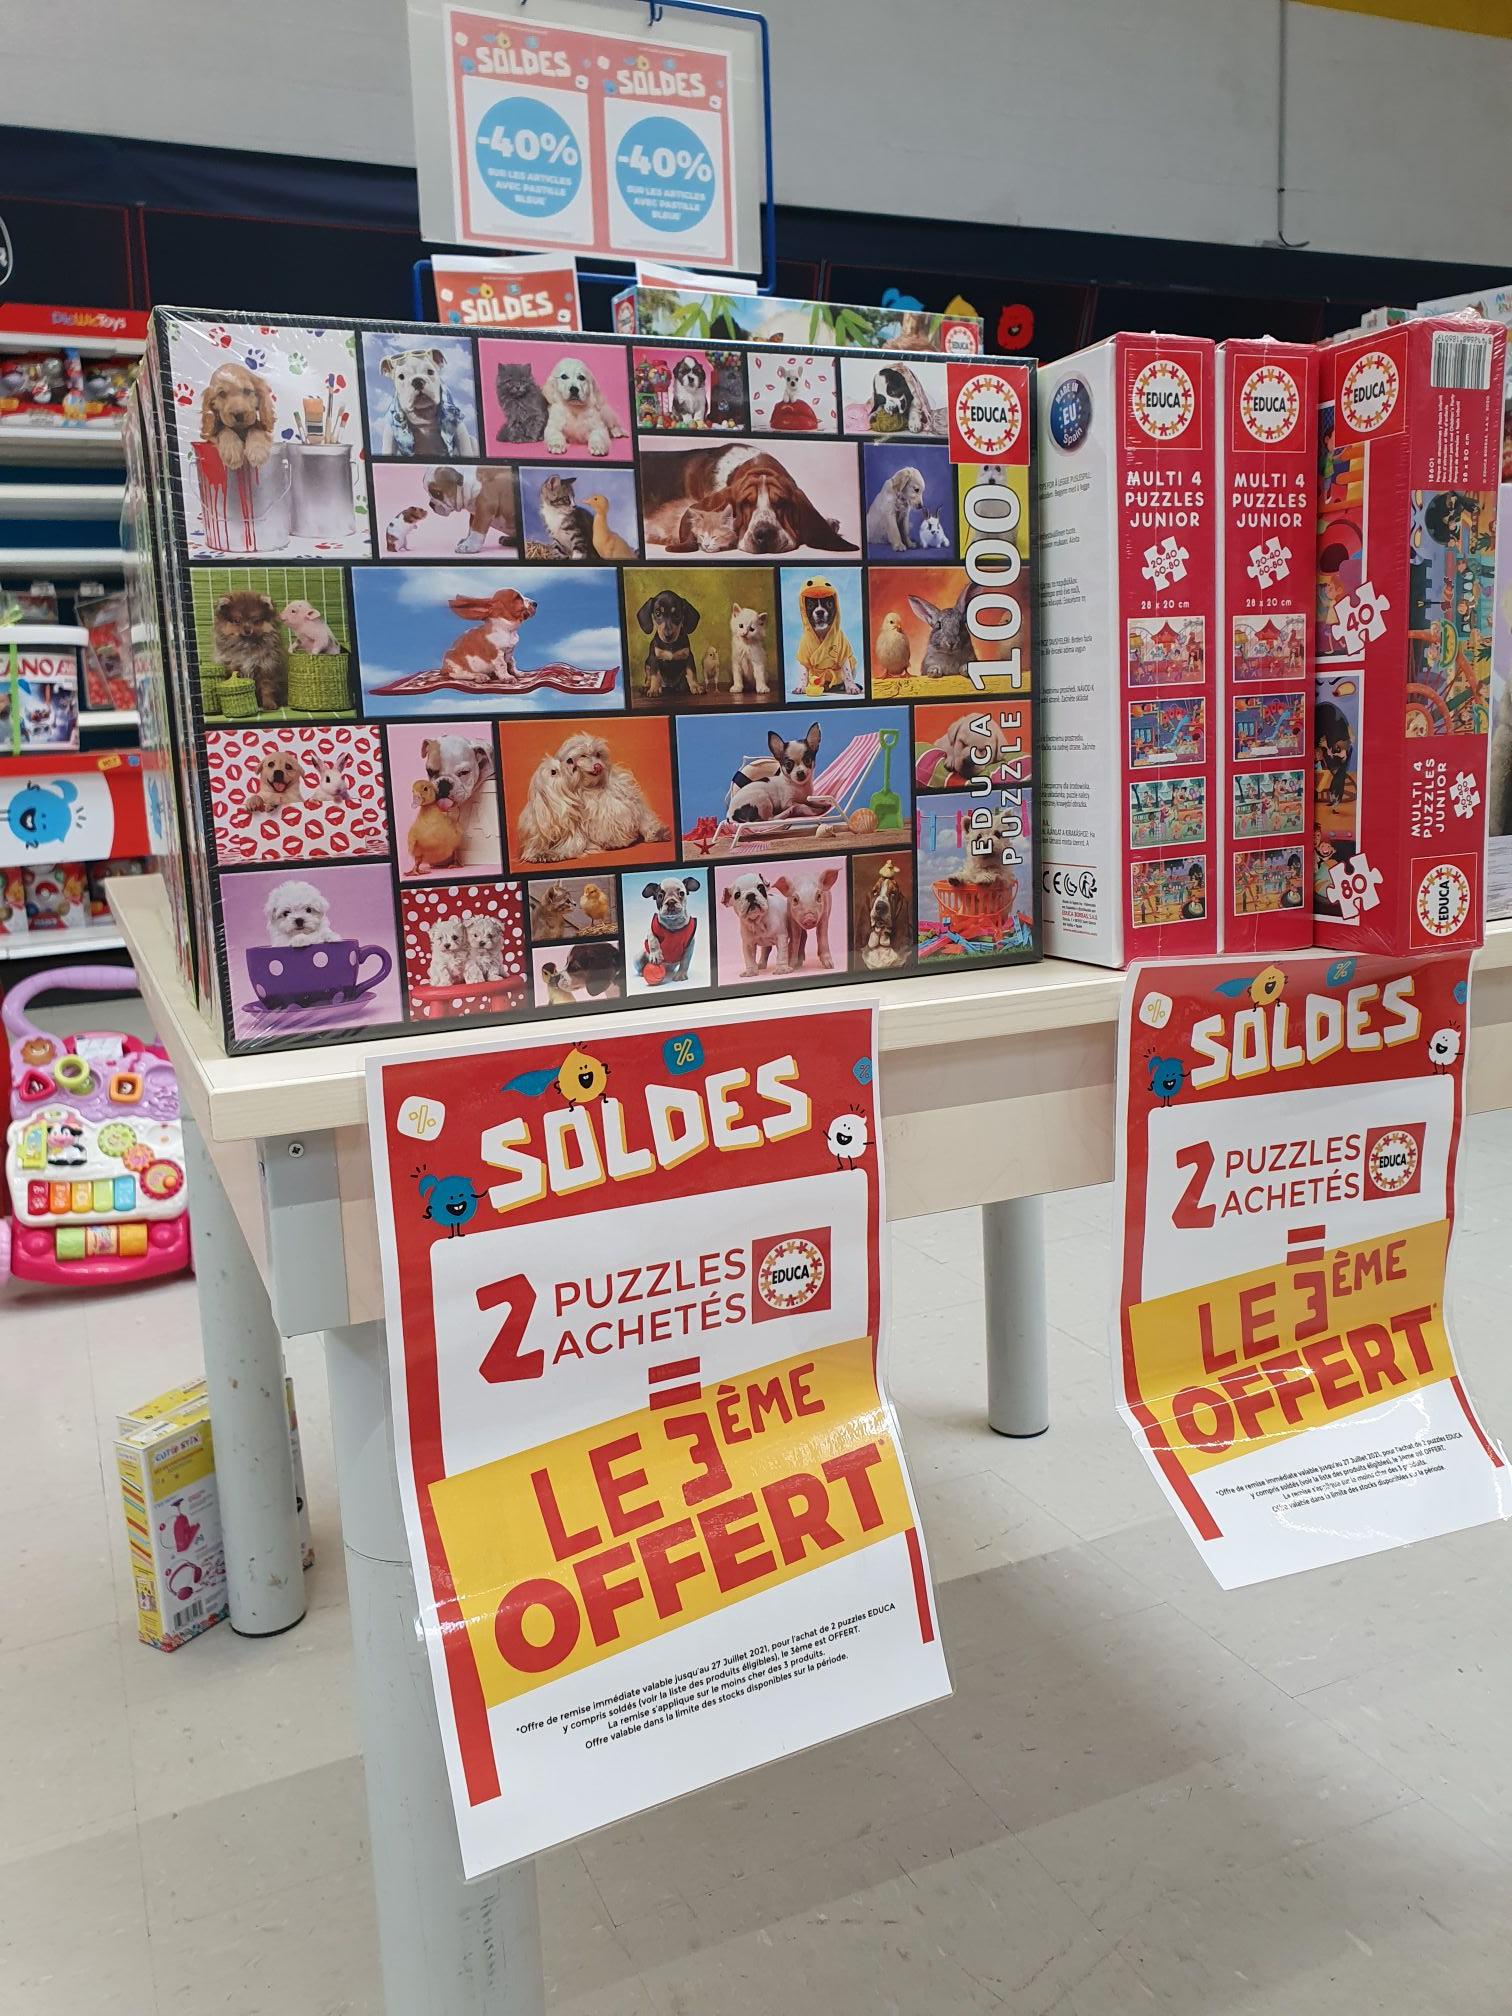 2 puzzles Educa achetés = le 3ème offert - Sequedin (59)